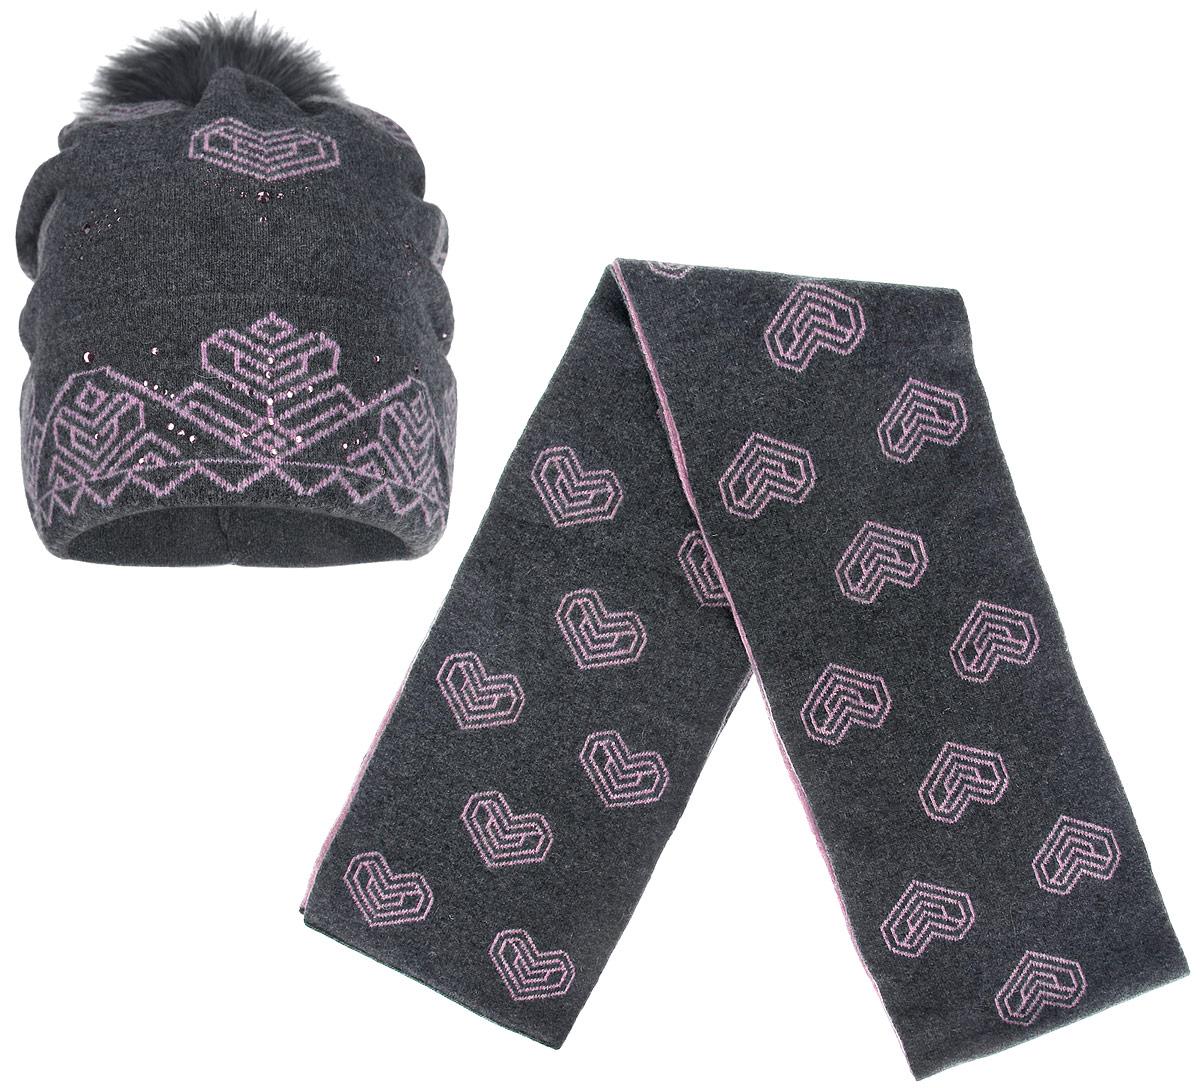 Комплект женский: шапка, шарф. 2012-412012-41-dark gray/pinkПотрясающий женский комплект Fabretti, состоящий из шапки и шарфа, оформлен узорами в виде сердец. Комплект выполнен из шерсти с добавлением полиамида. Шапочка с отворотом украшена стразами и помпоном из натурального меха. Тыльная сторона шапки дополнена сборкой для оптимальной посадки модели. Отличный комплект на каждый день.